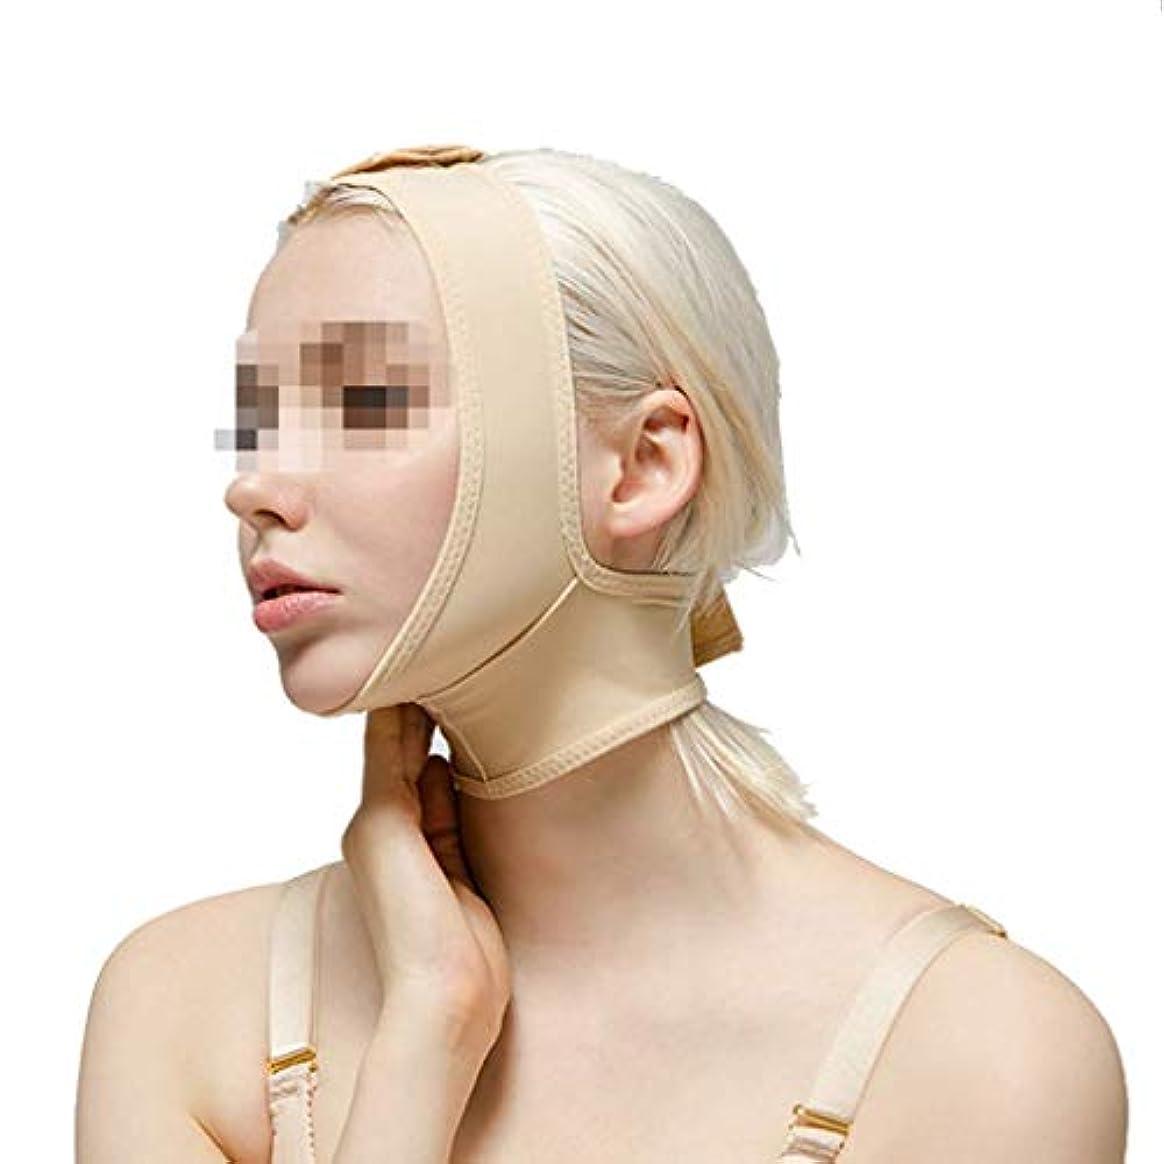 さわやか落ち着いたすなわち術後伸縮性スリーブ、下顎束フェイスバンデージフェイシャルビームダブルチンシンフェイスマスクマルチサイズオプション(サイズ:L),XS